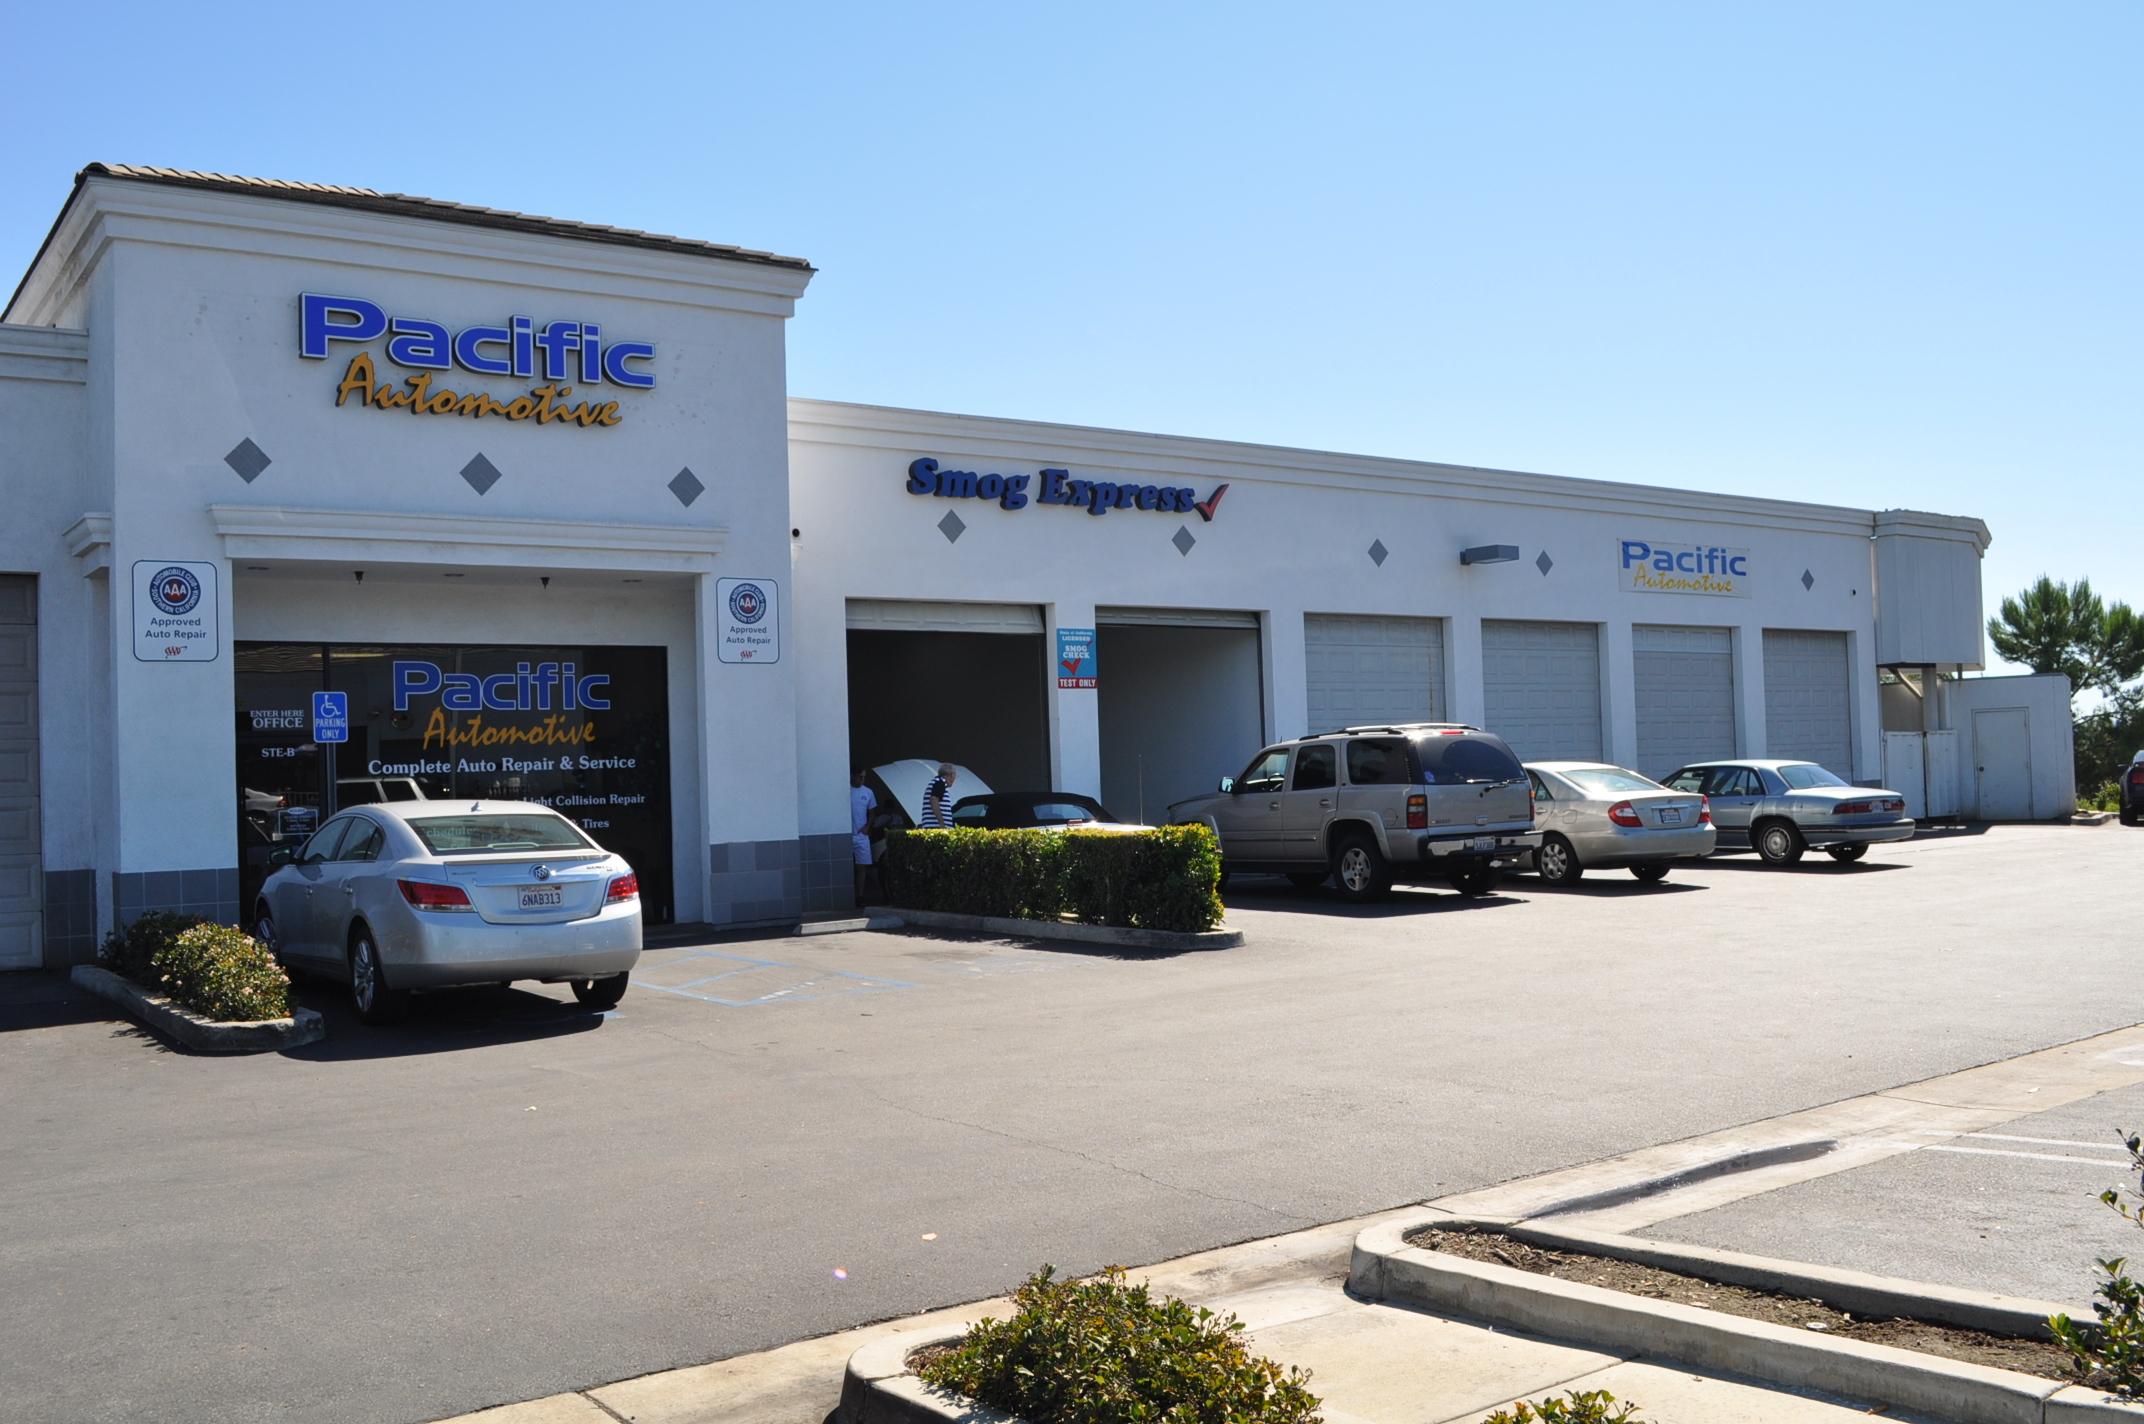 pacific automotive image 3